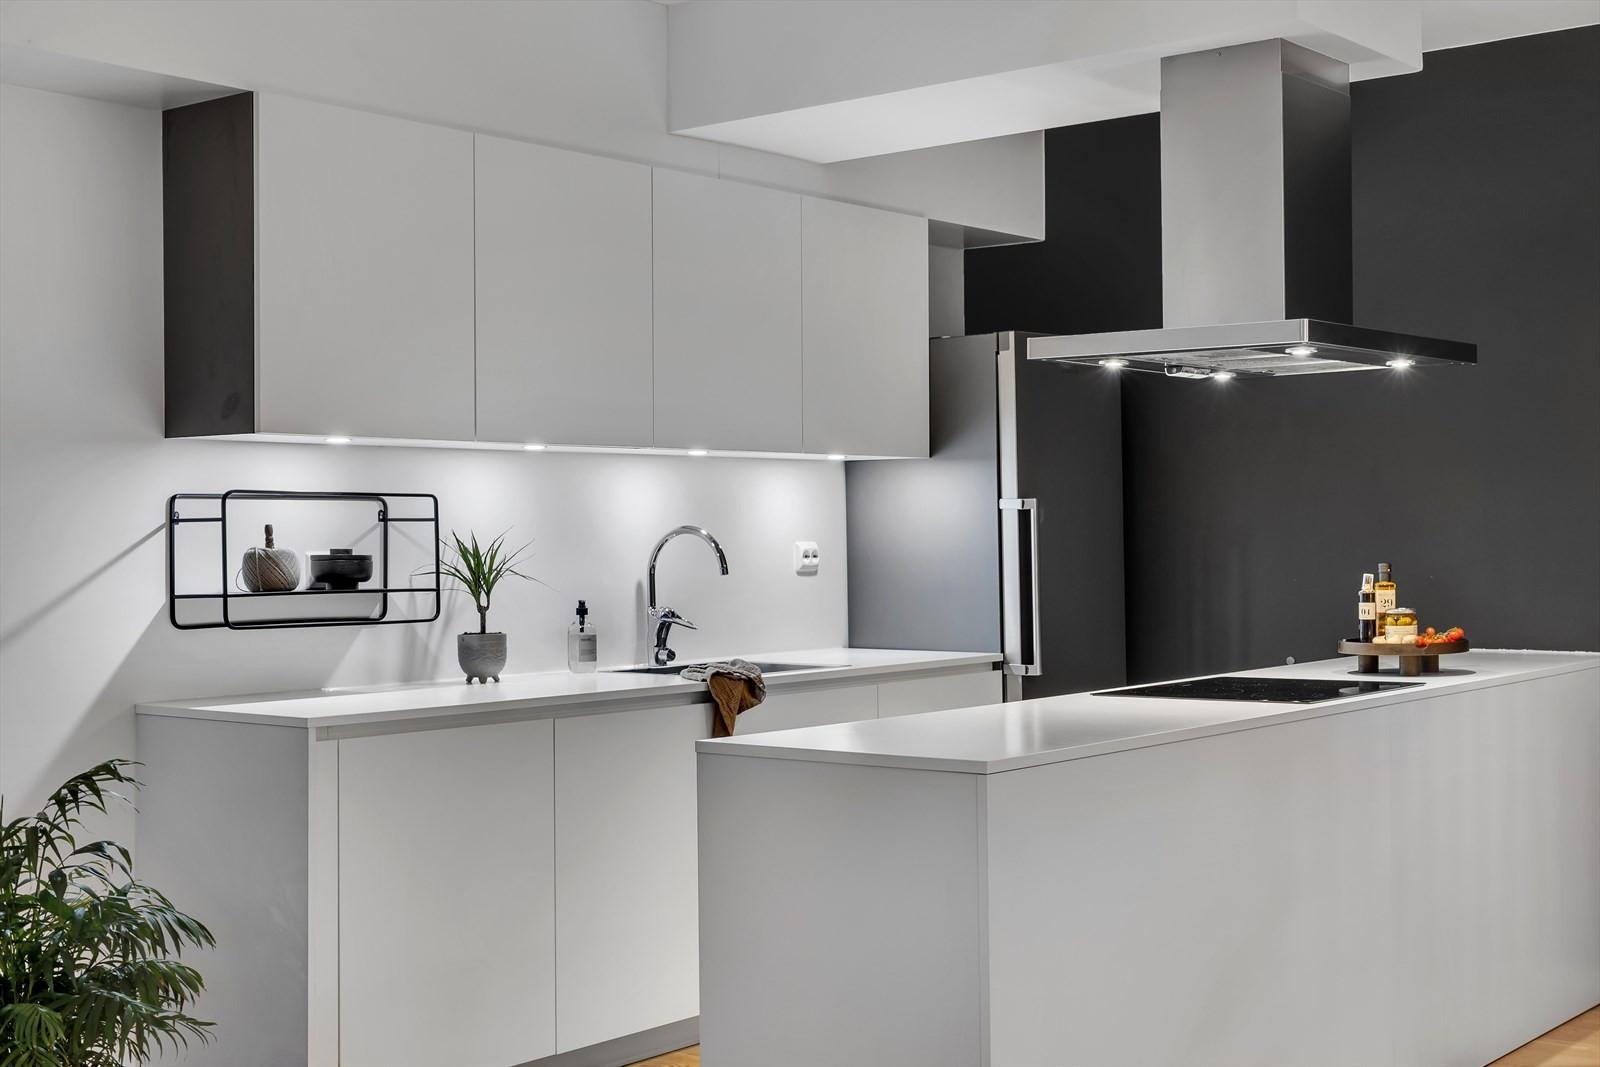 Kjøkkenet har godt med benkeplass og integrerte hvitevarer.